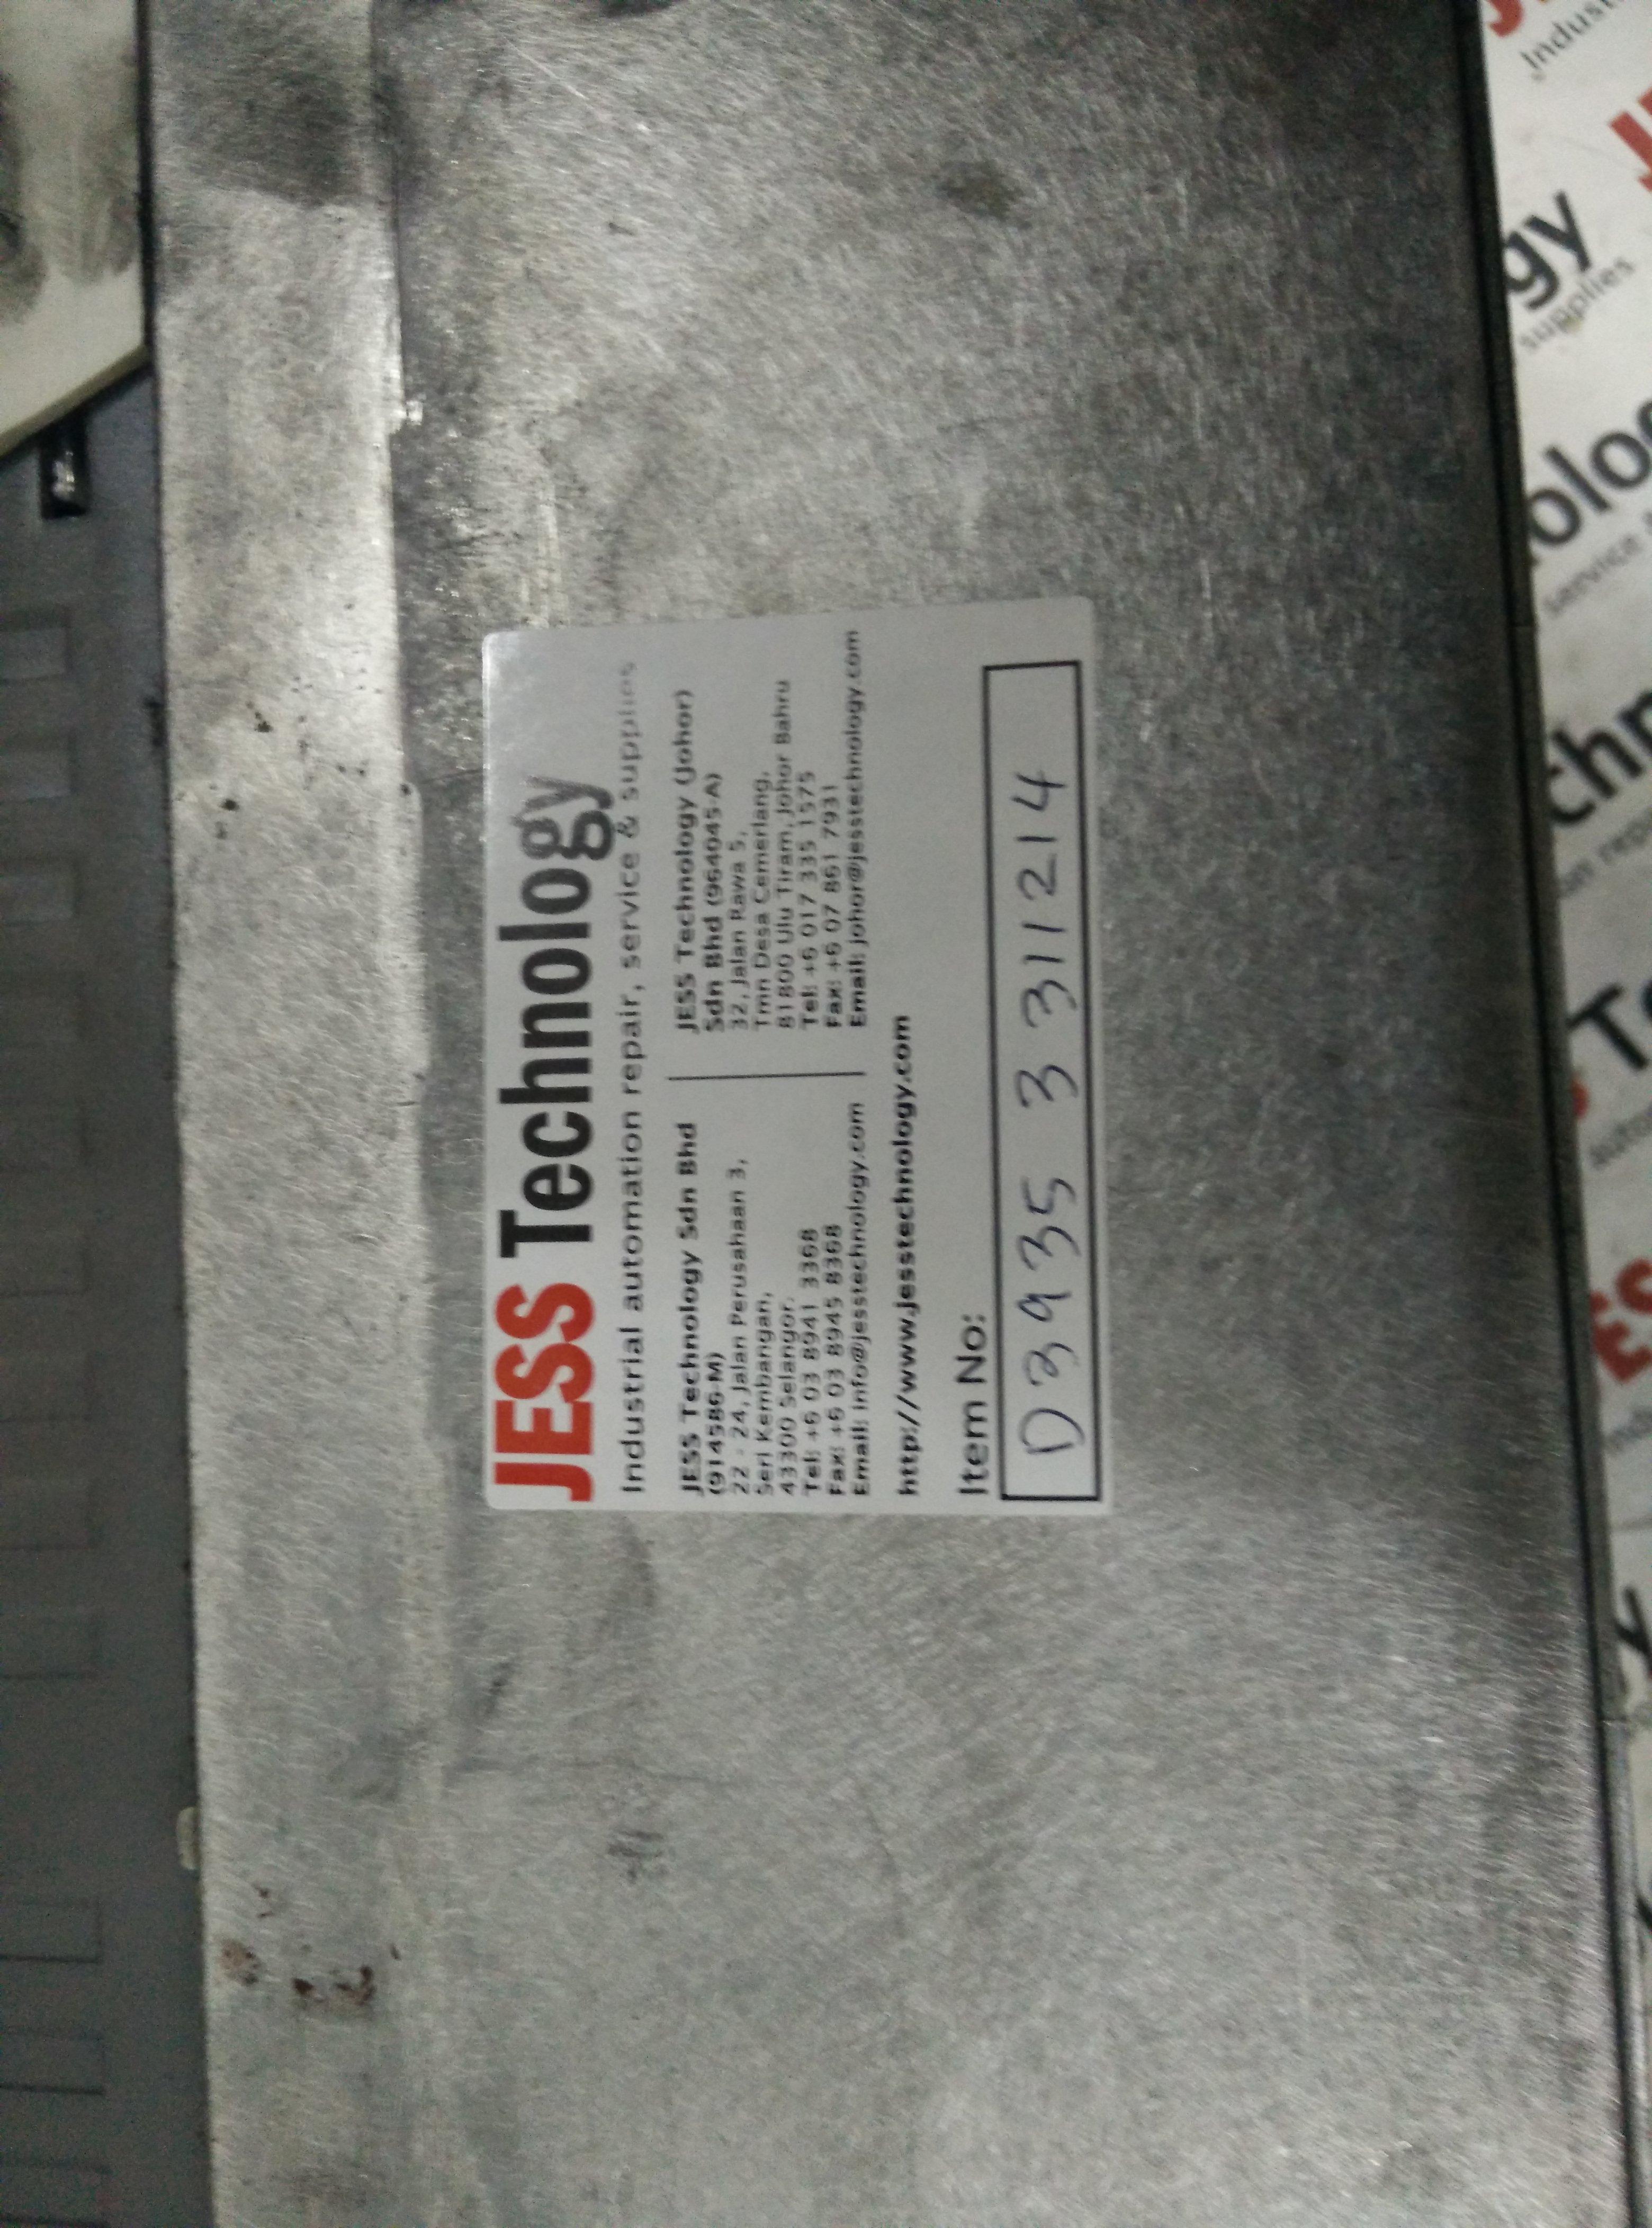 Repair ACS550-01-023A-4 ABB ABB DRIVES in Malaysia, Singapore, Thailand, Indonesia